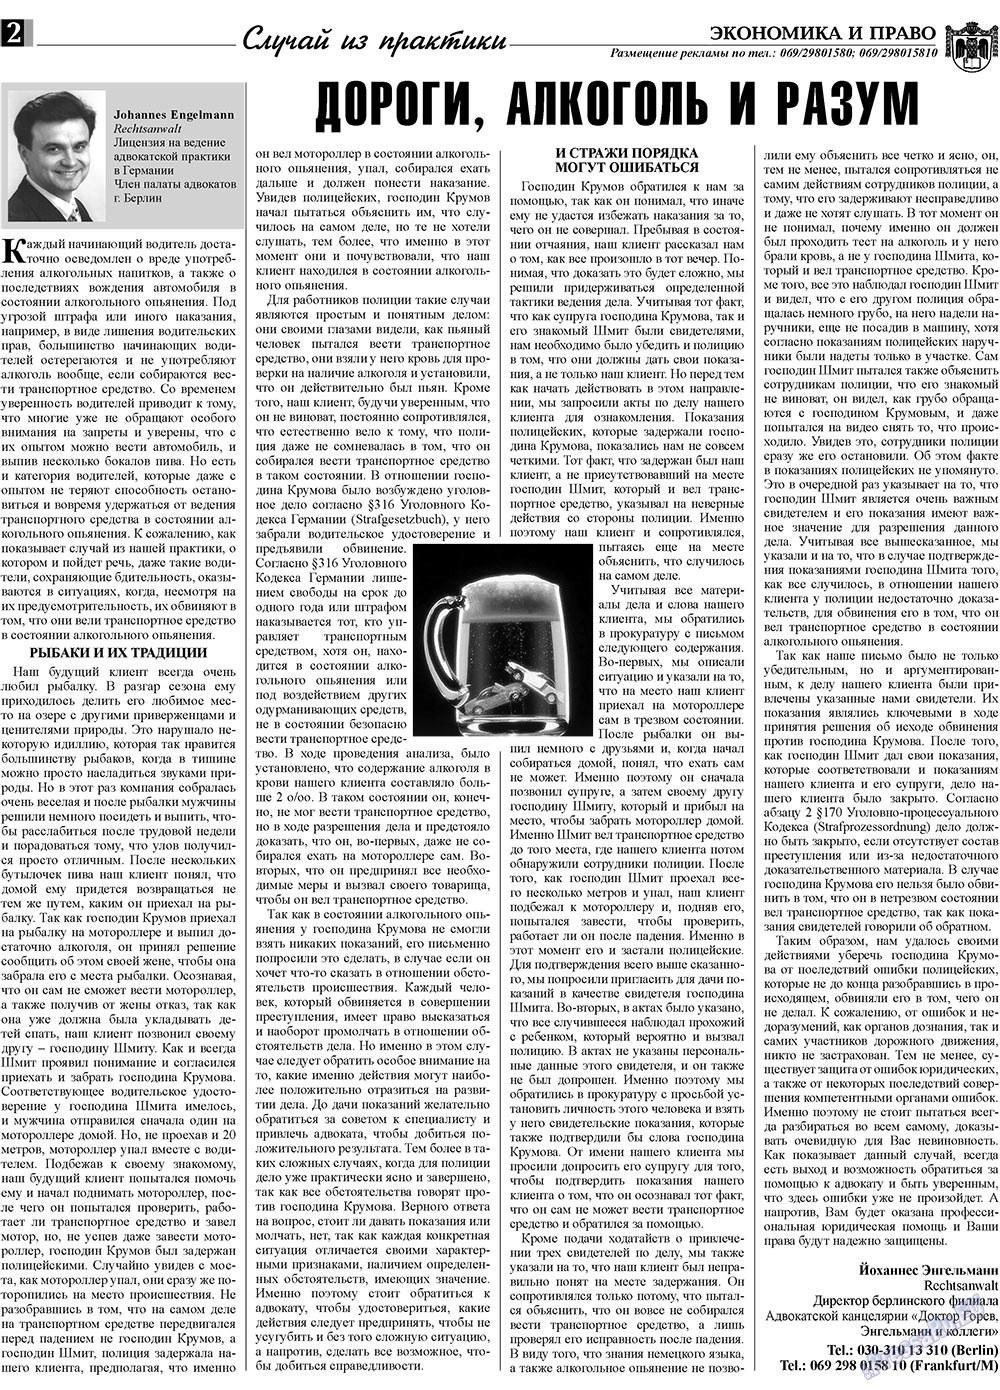 Экономика и право (газета). 2009 год, номер 7, стр. 2